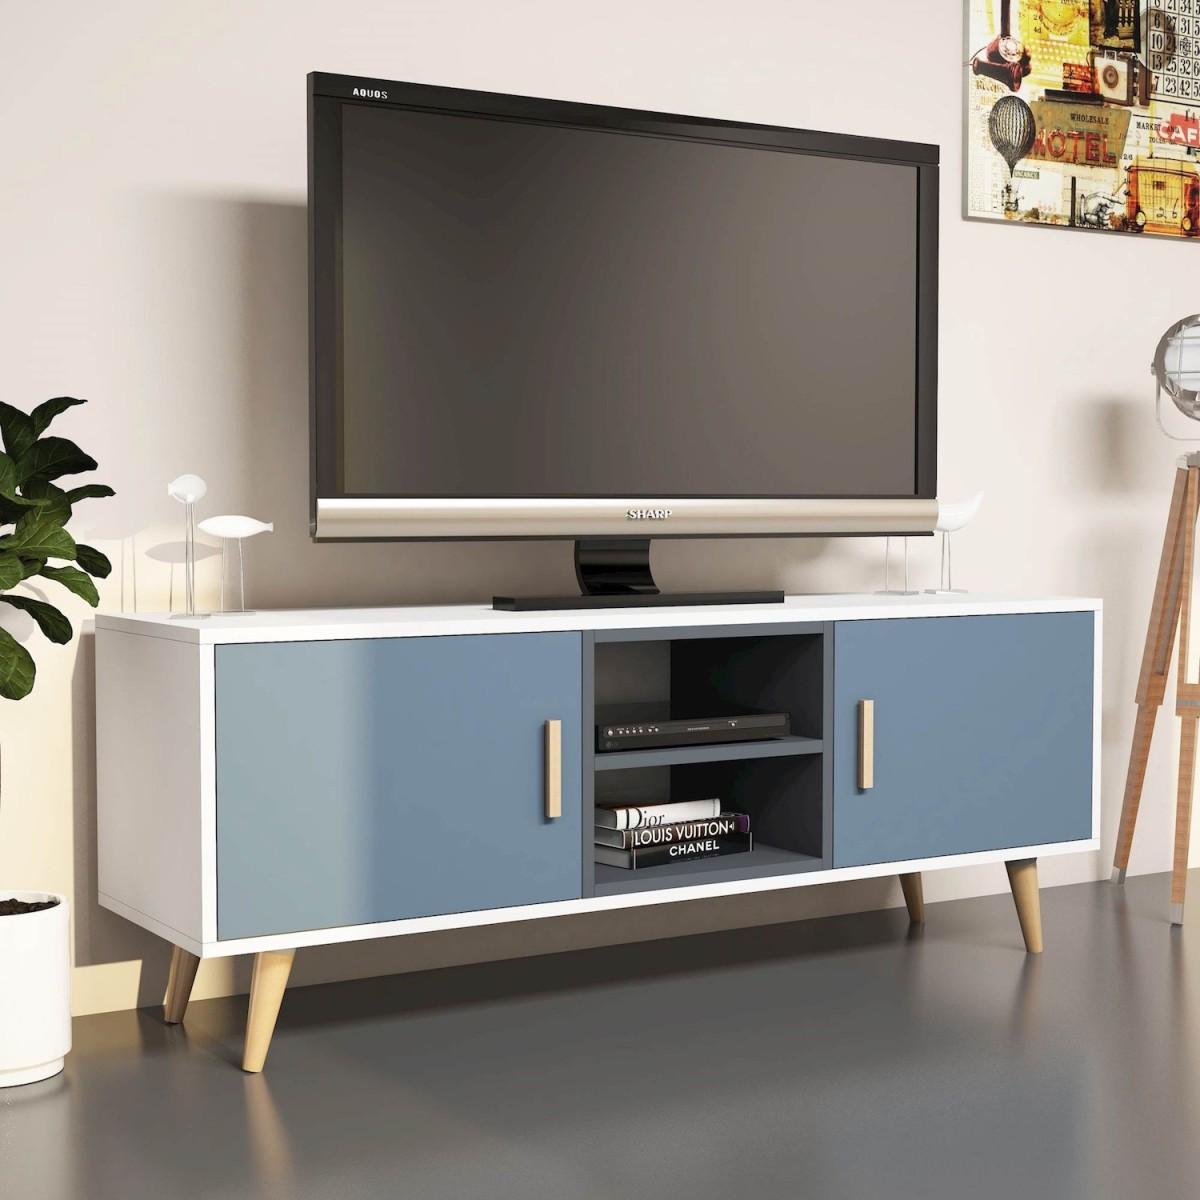 Mobile per televisore moderno design nordico darius for Pareti tv moderne